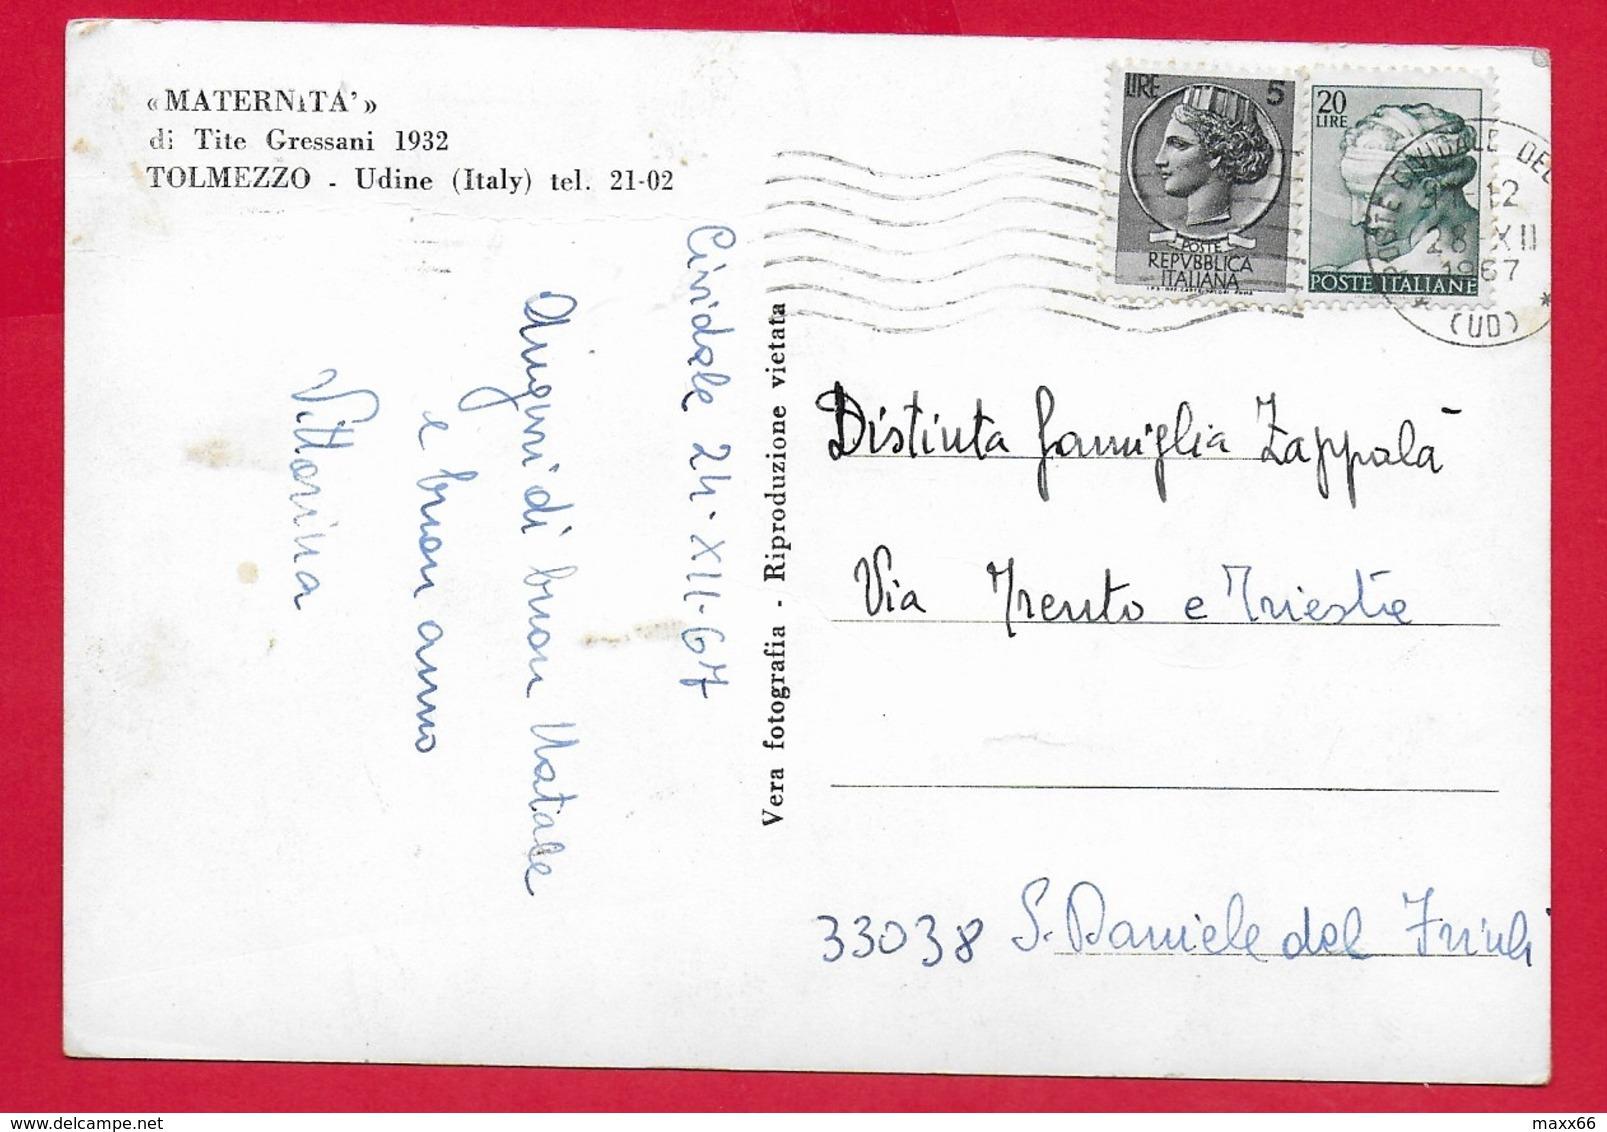 CARTOLINA VG ITALIA - TITE GRESSANI - Maternità - Tolmezzo (Udine) - 10 X 15 - 1967 - Sculture